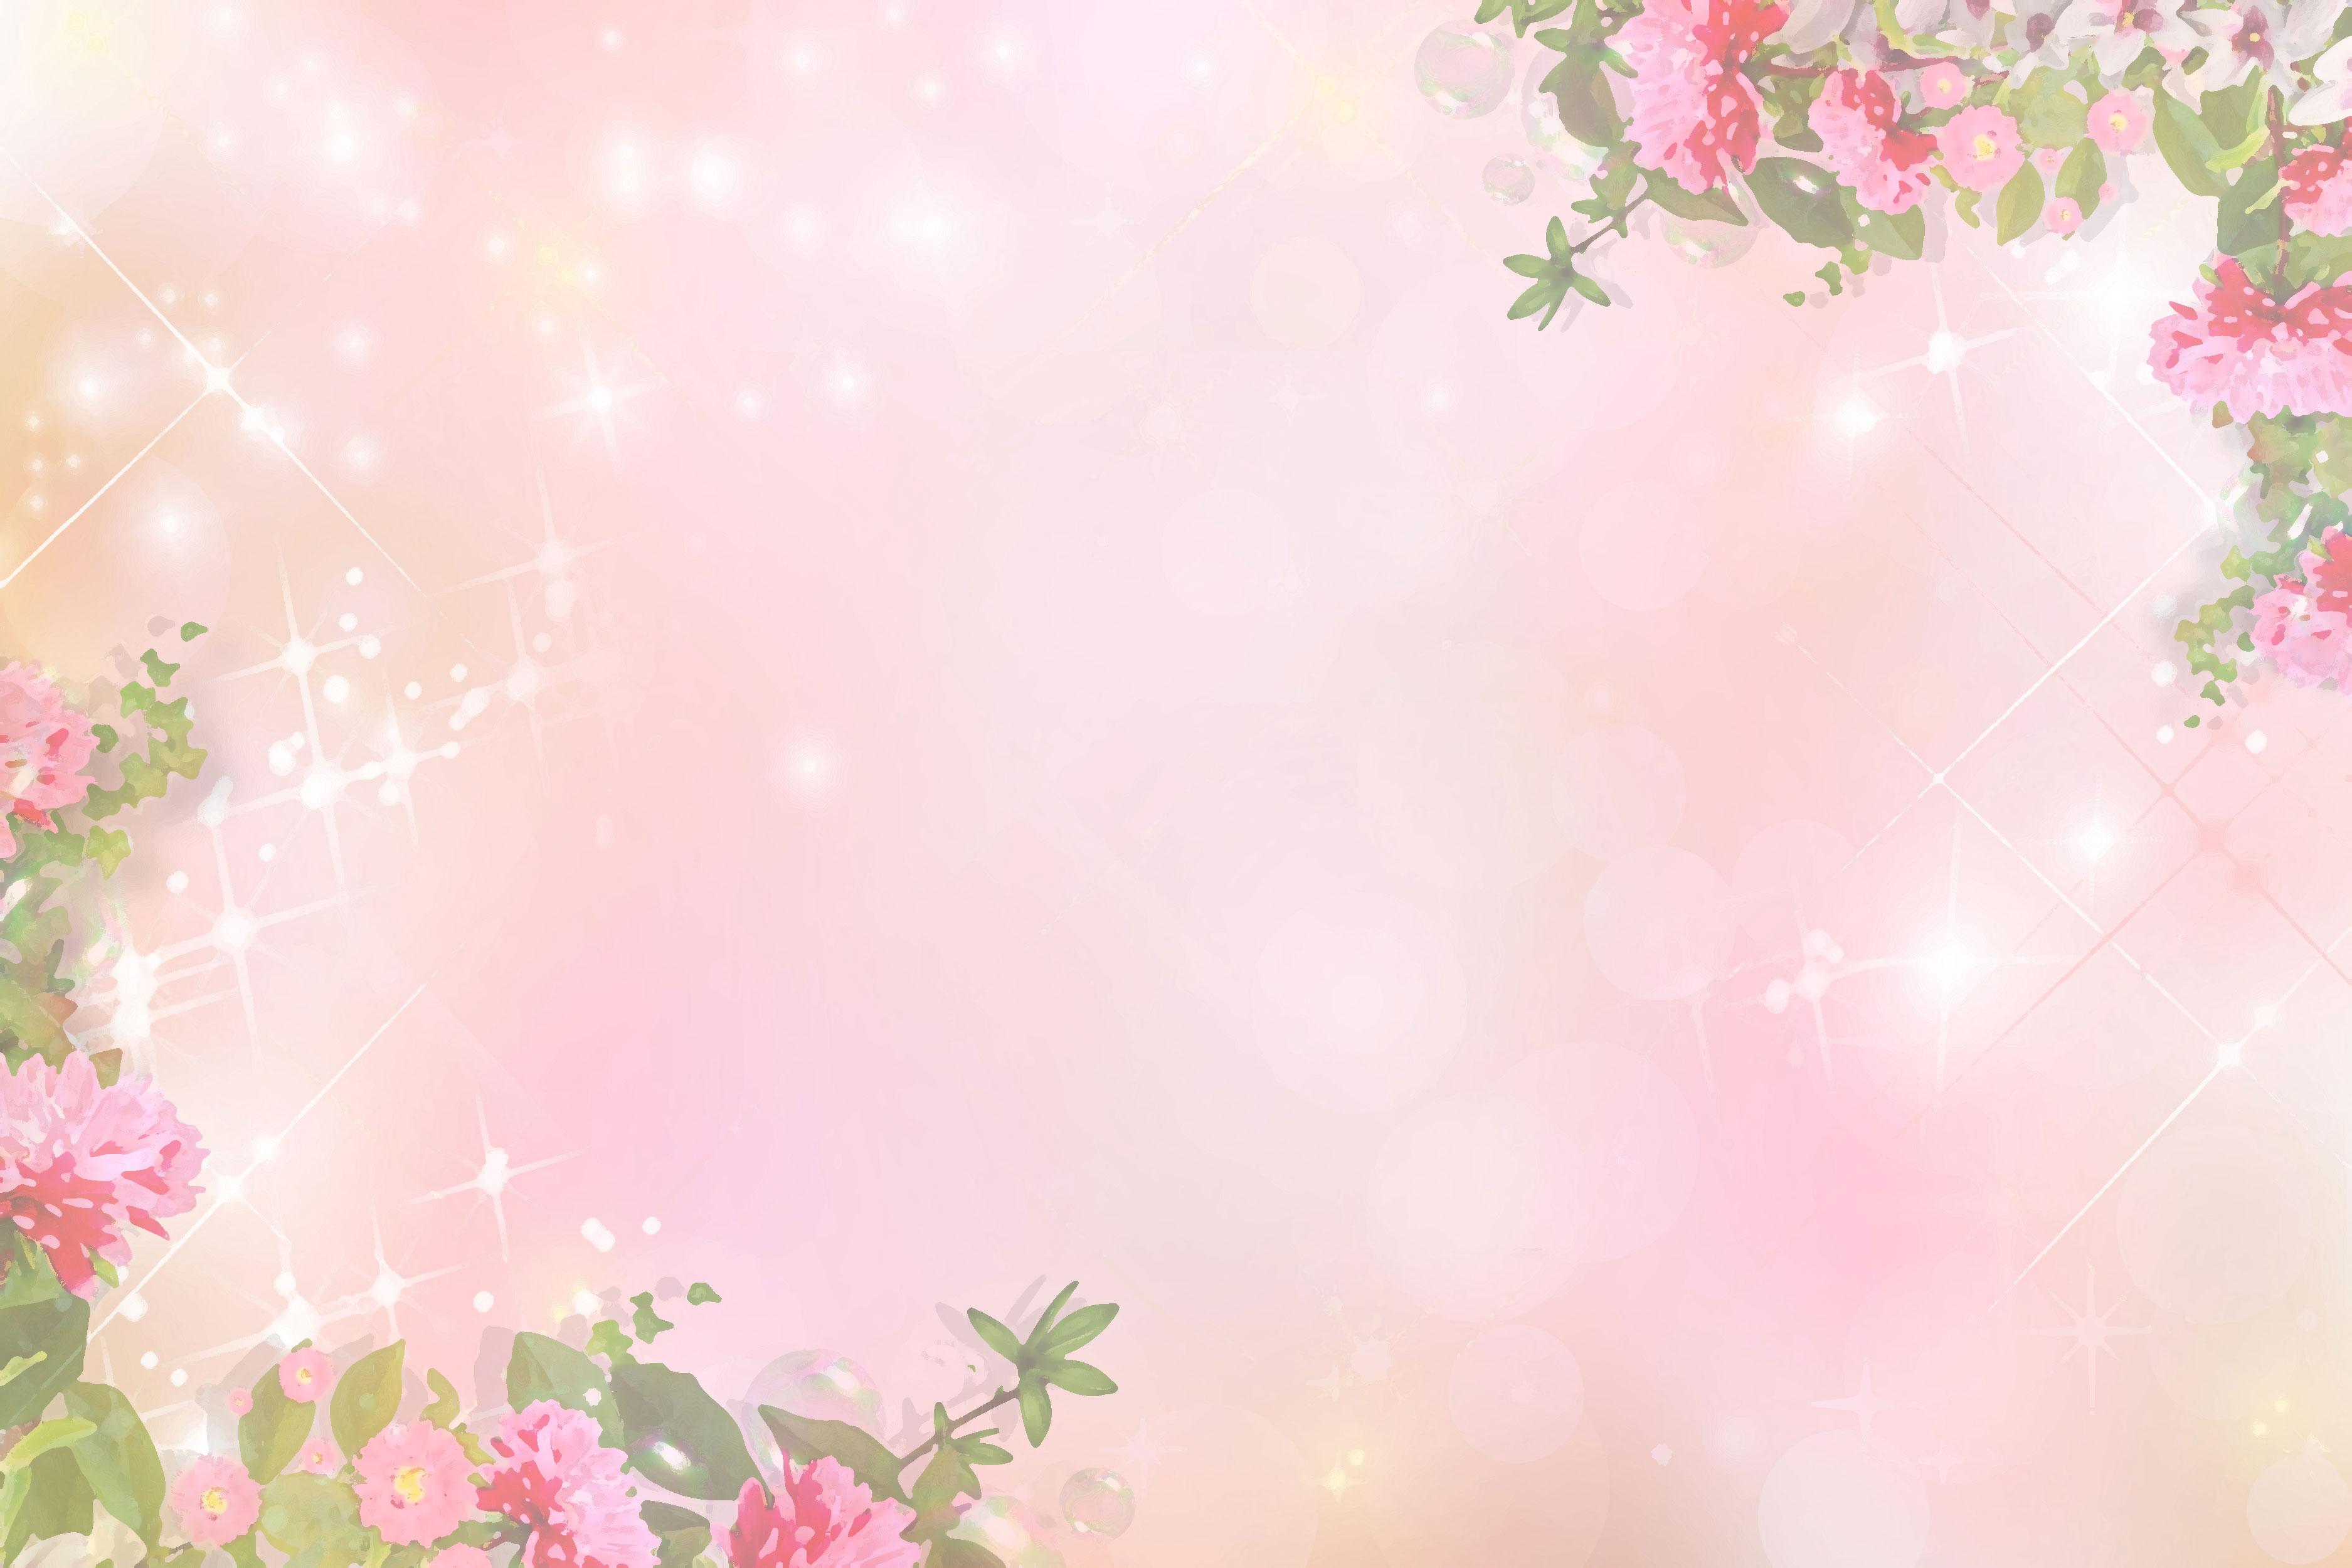 花のイラスト・フリー素材/壁紙・背景no.075『ピンク・光輝く』